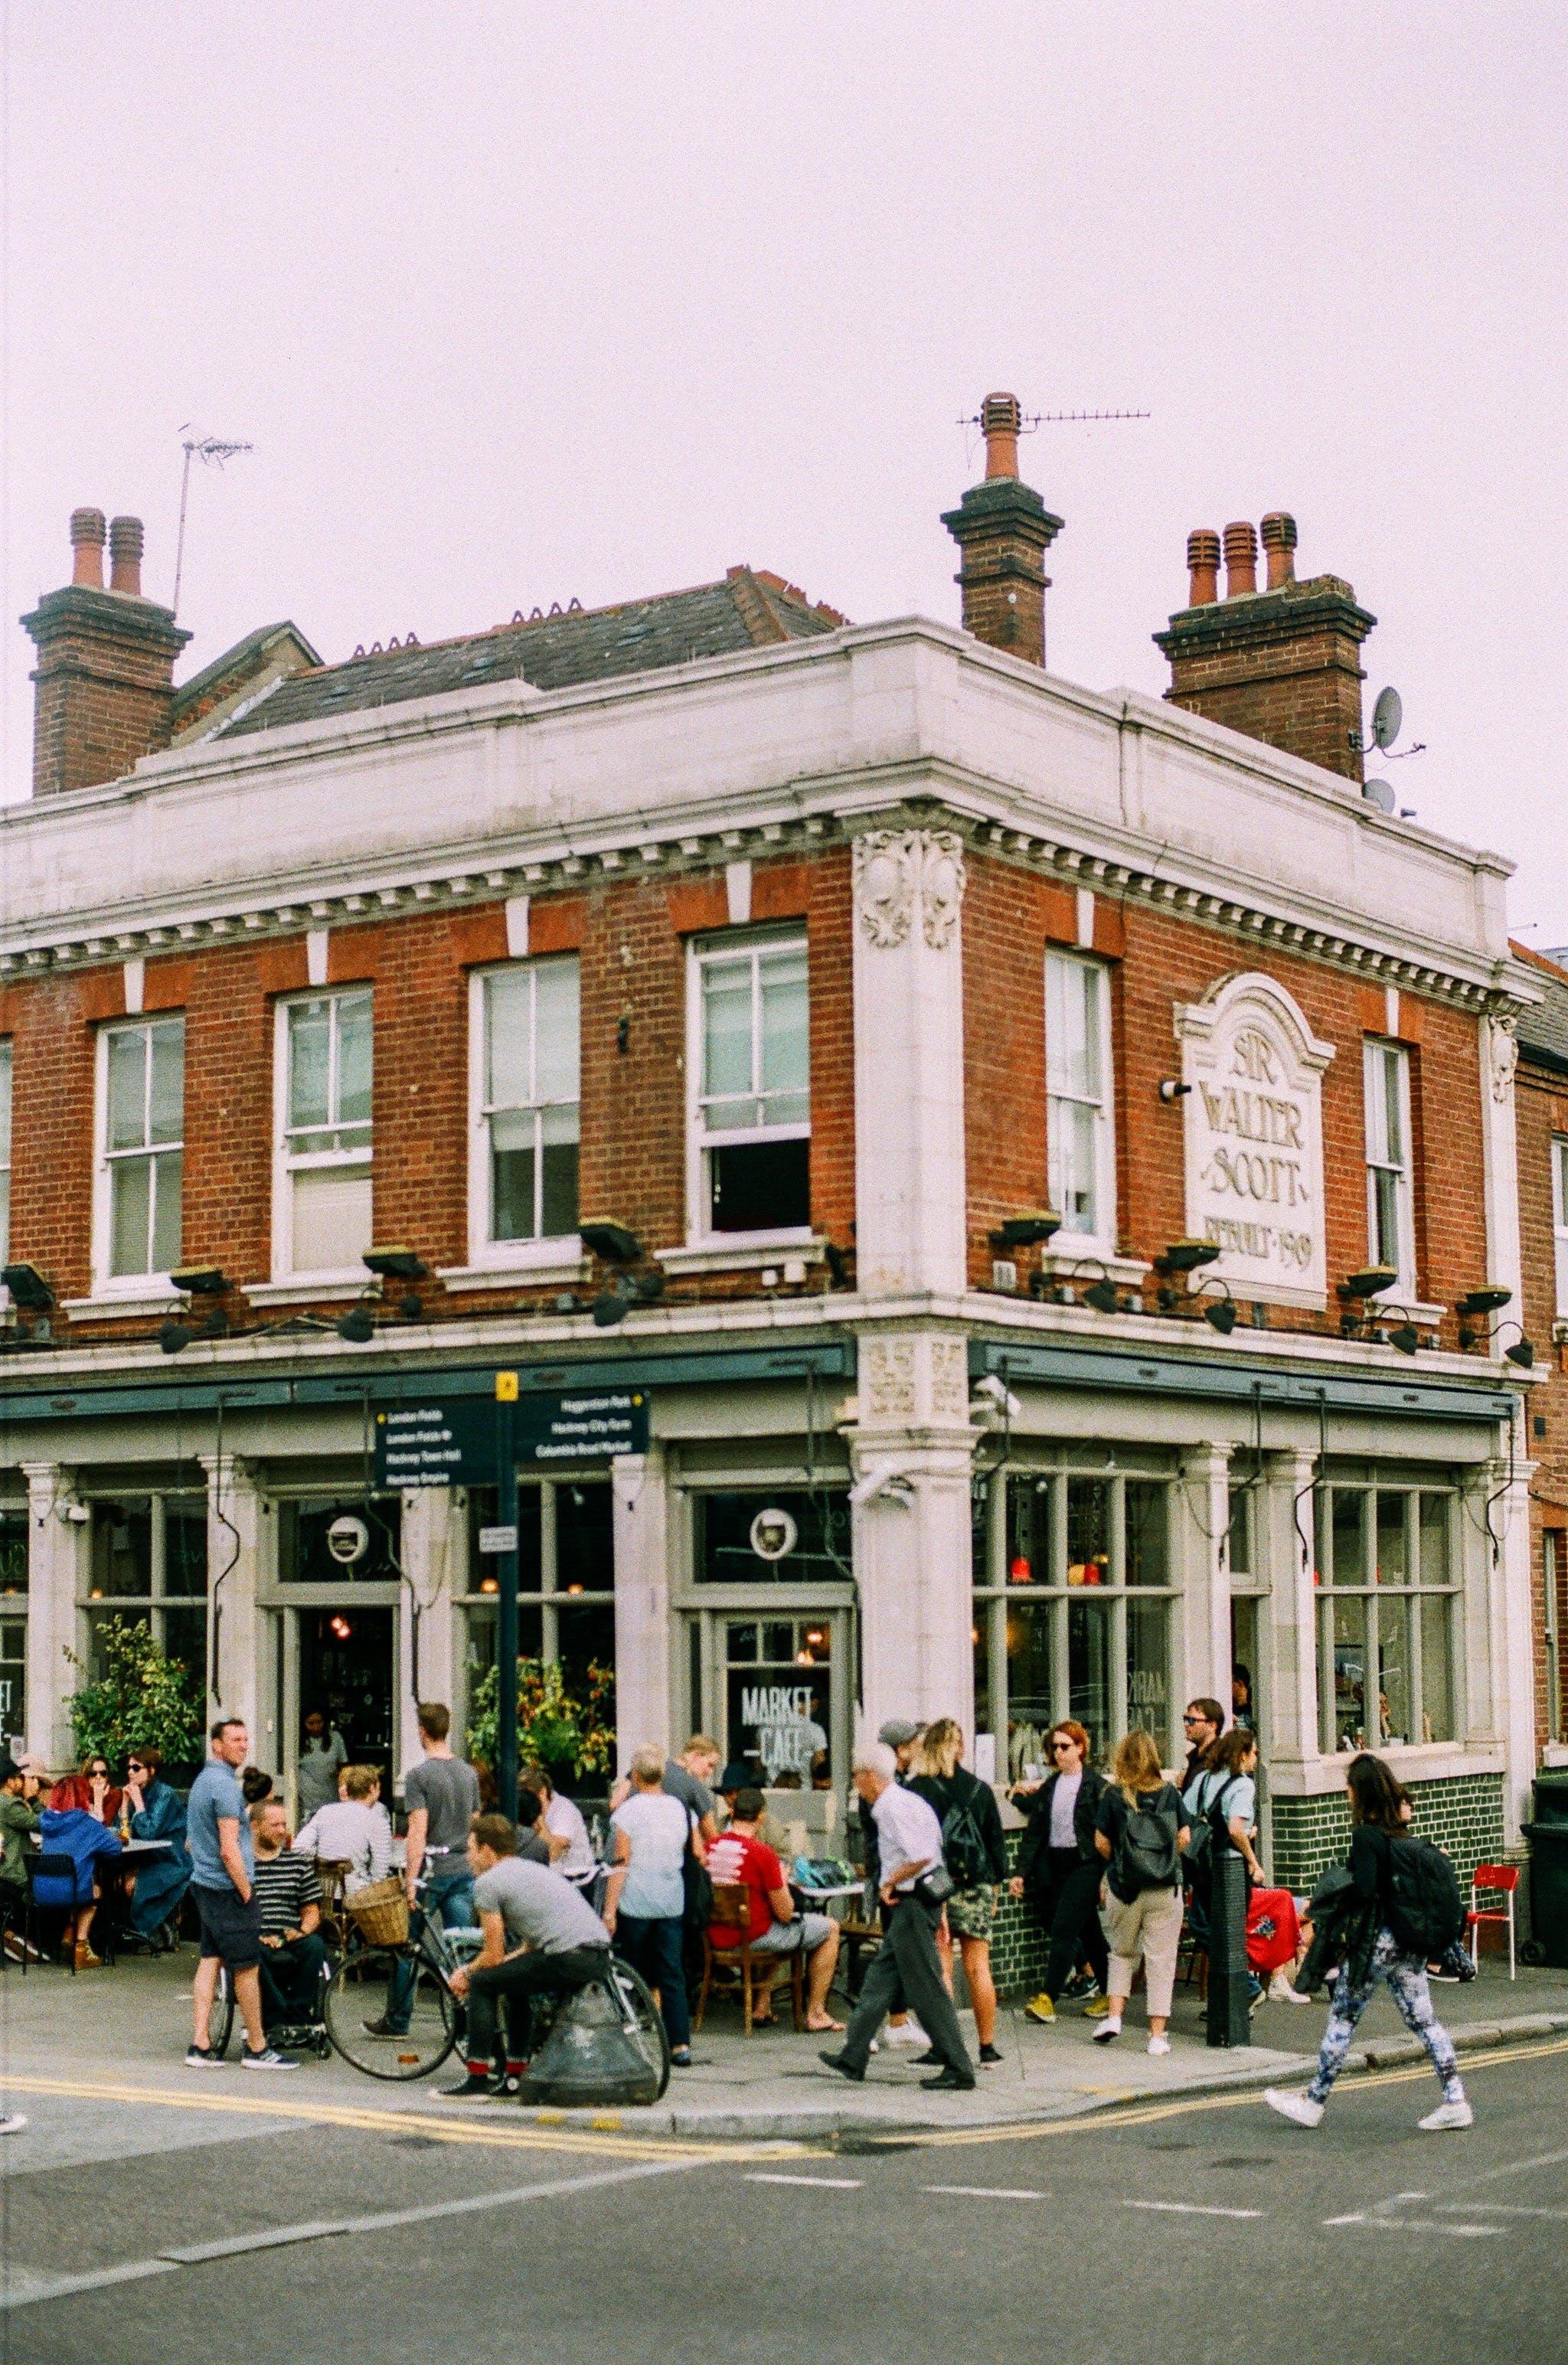 シティ, タウン, ブロードウェイマーケット, ロンドンの無料の写真素材